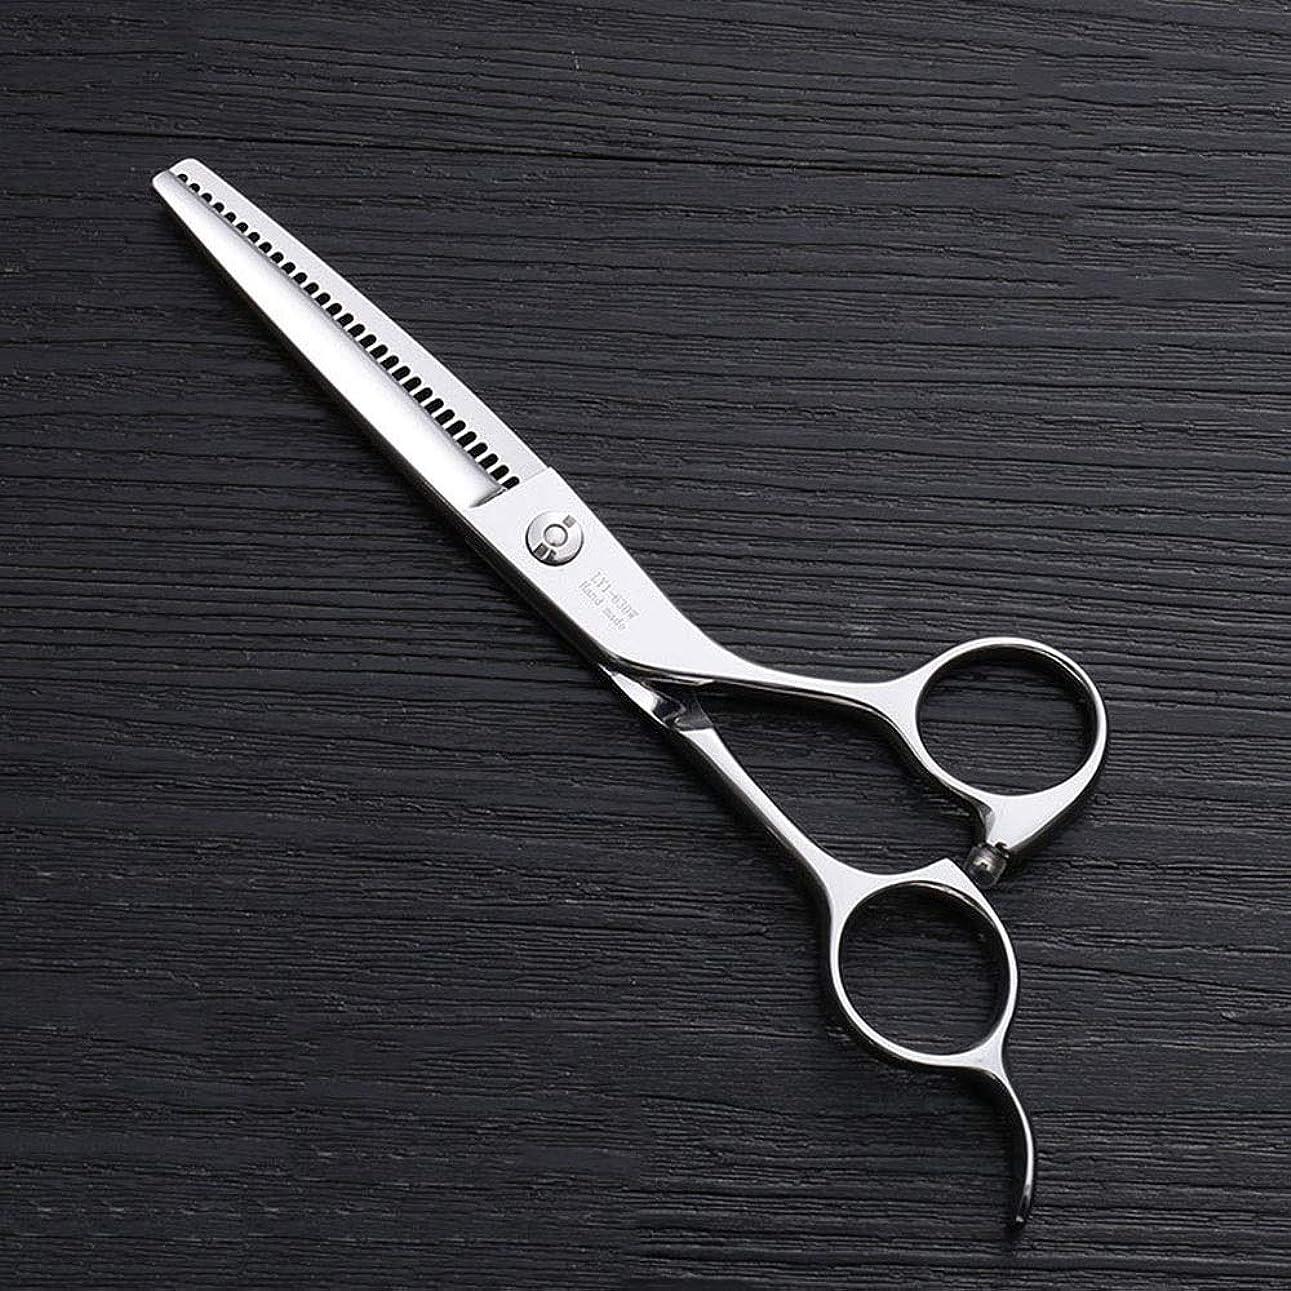 悪意春接地6インチ理髪はさみ、30歯理髪はさみ、ステンレス鋼理髪ツール モデリングツール (色 : Silver)